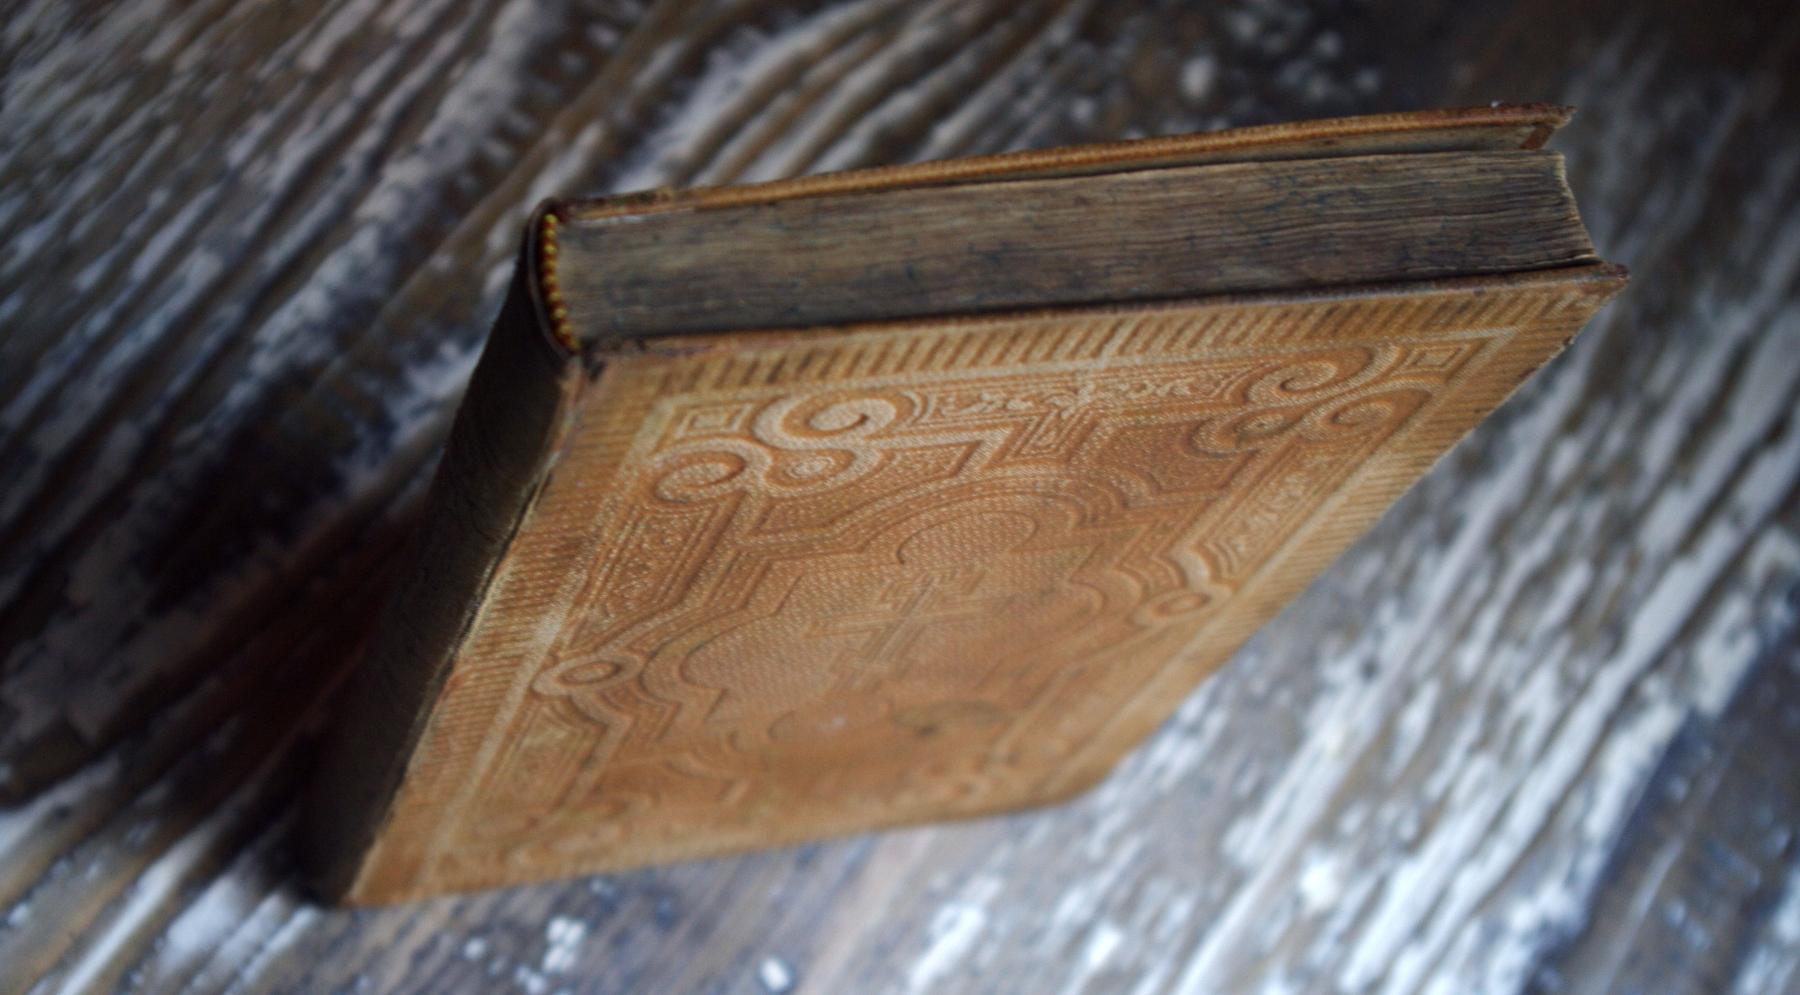 Общий вид отреставрированного переплета Евангелия 1895 года издания. У издания был оторван корешок, болтались крышки на блоке. Часть листов блока была разорвана.